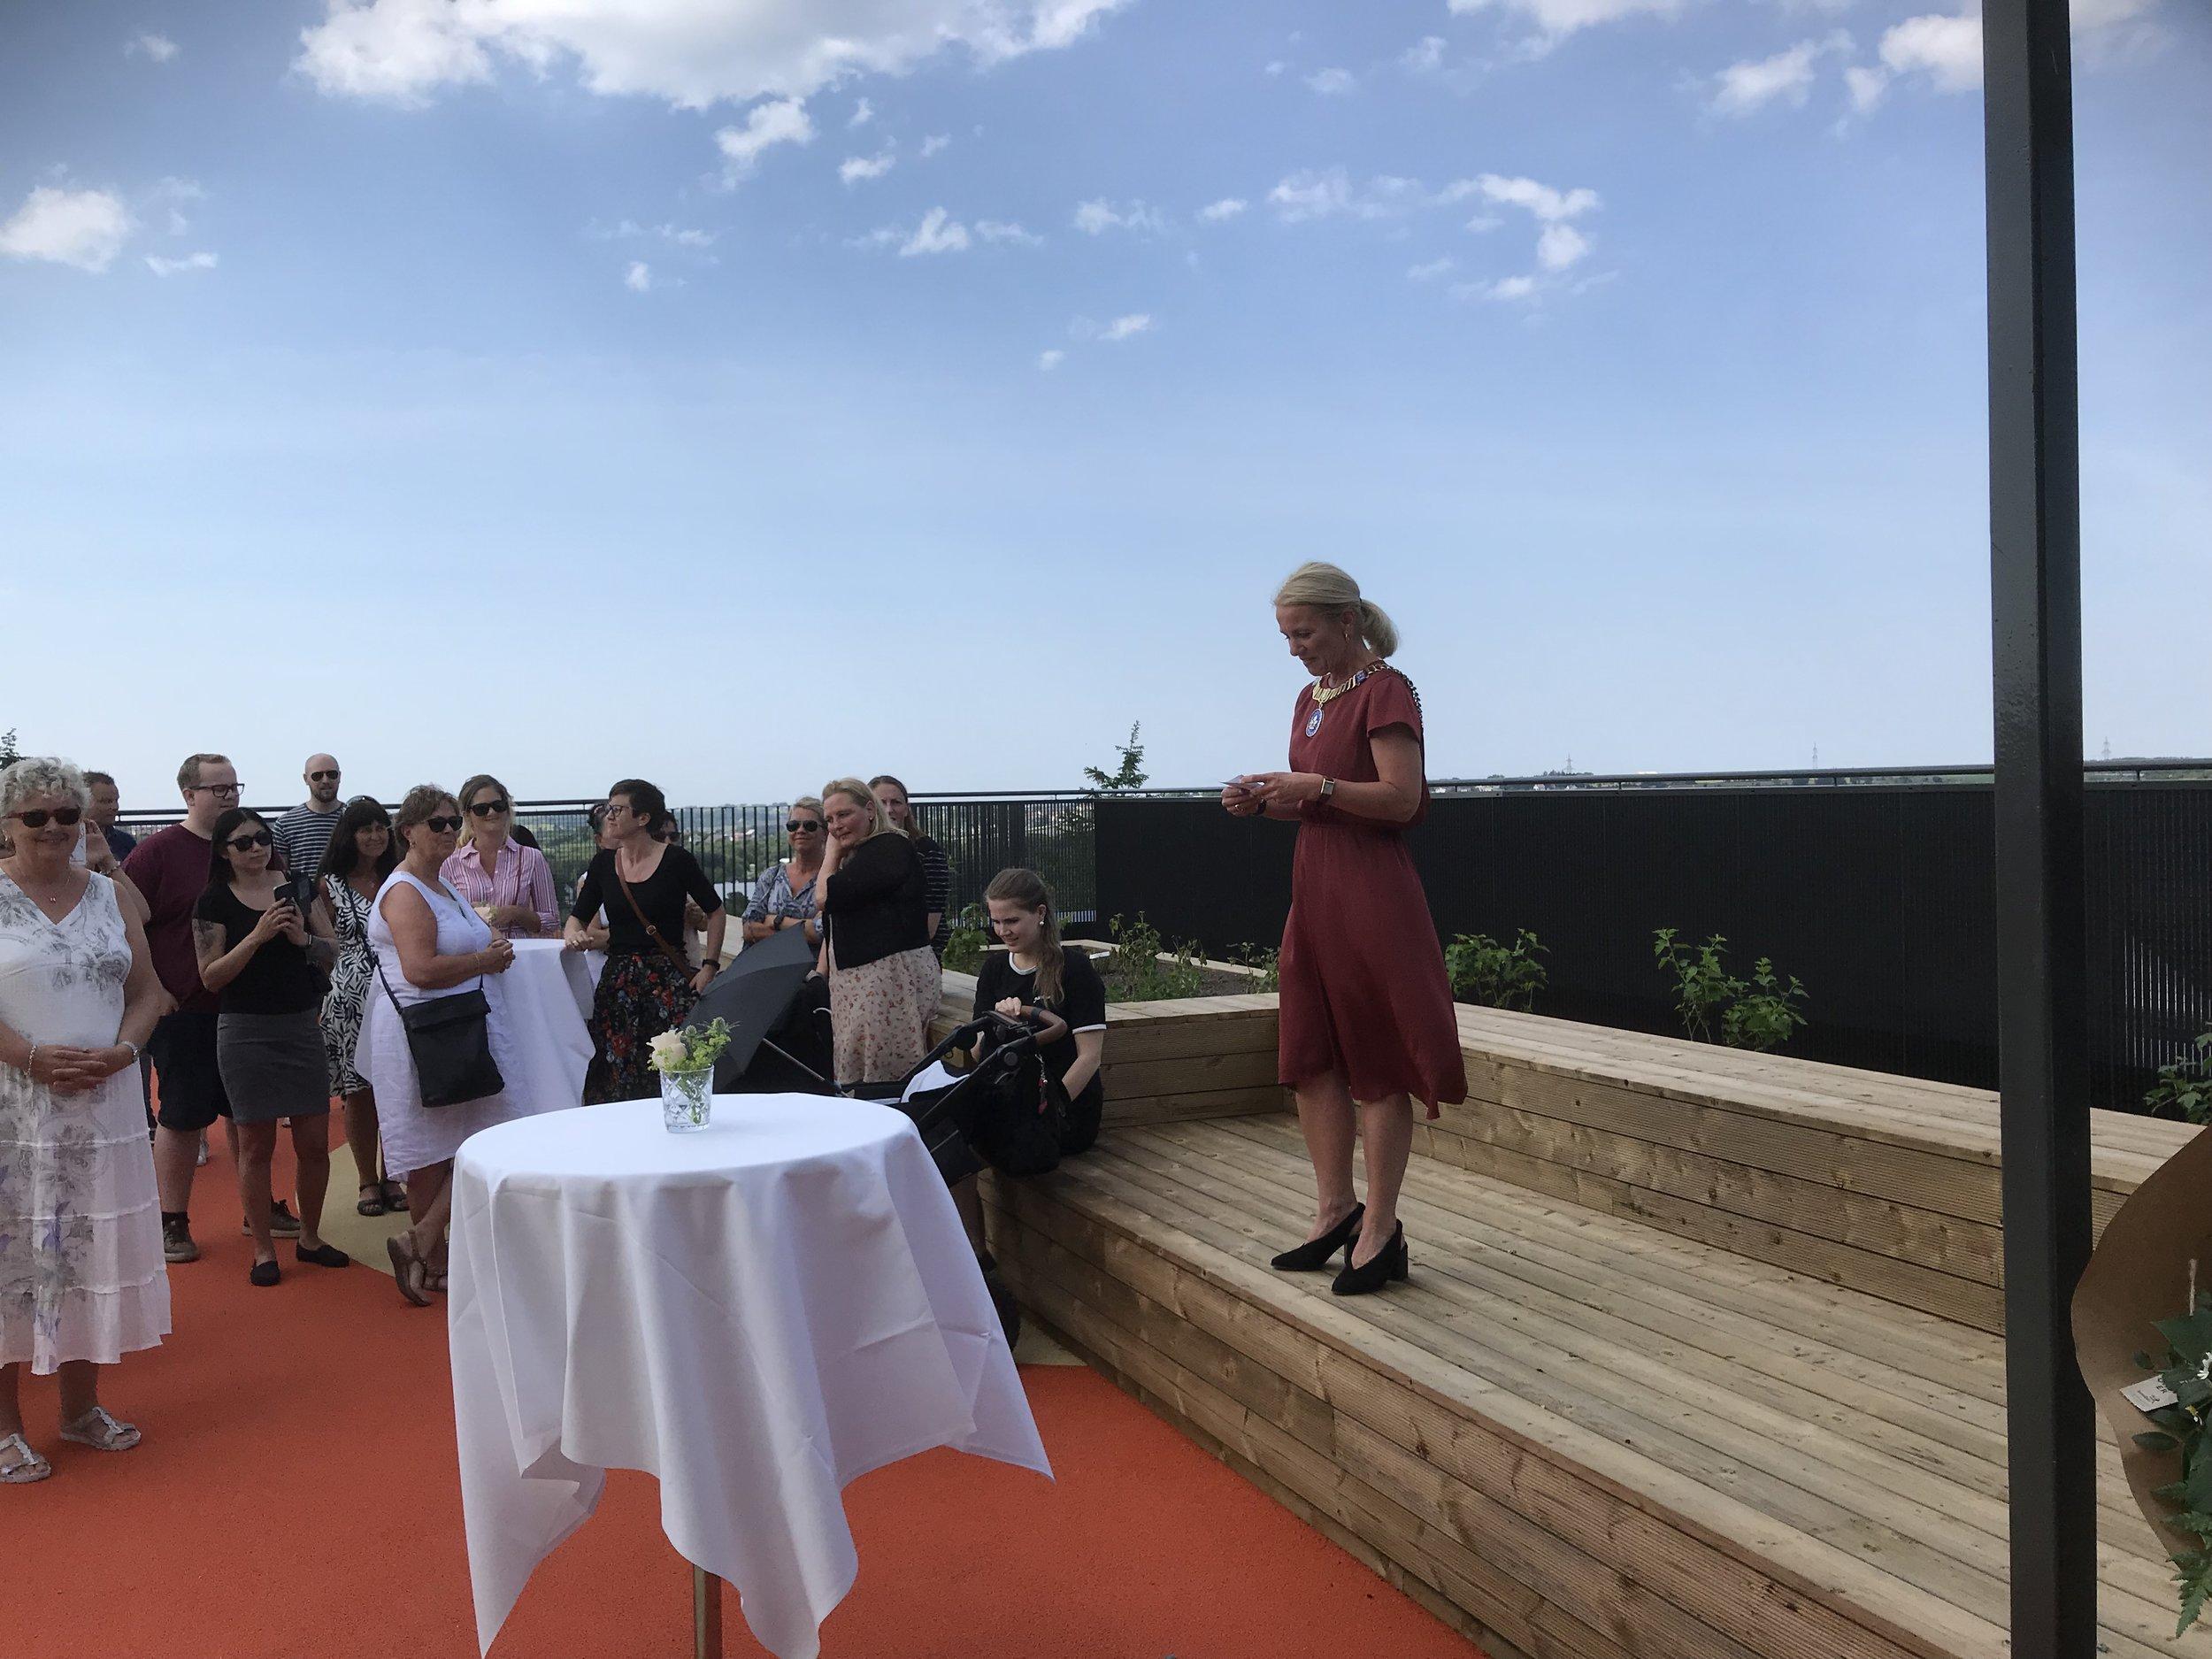 Ordfører i Stavanger, Christine Sagen Helgø, foretok den offisielle åpningen av barne og ungdomsboligen.